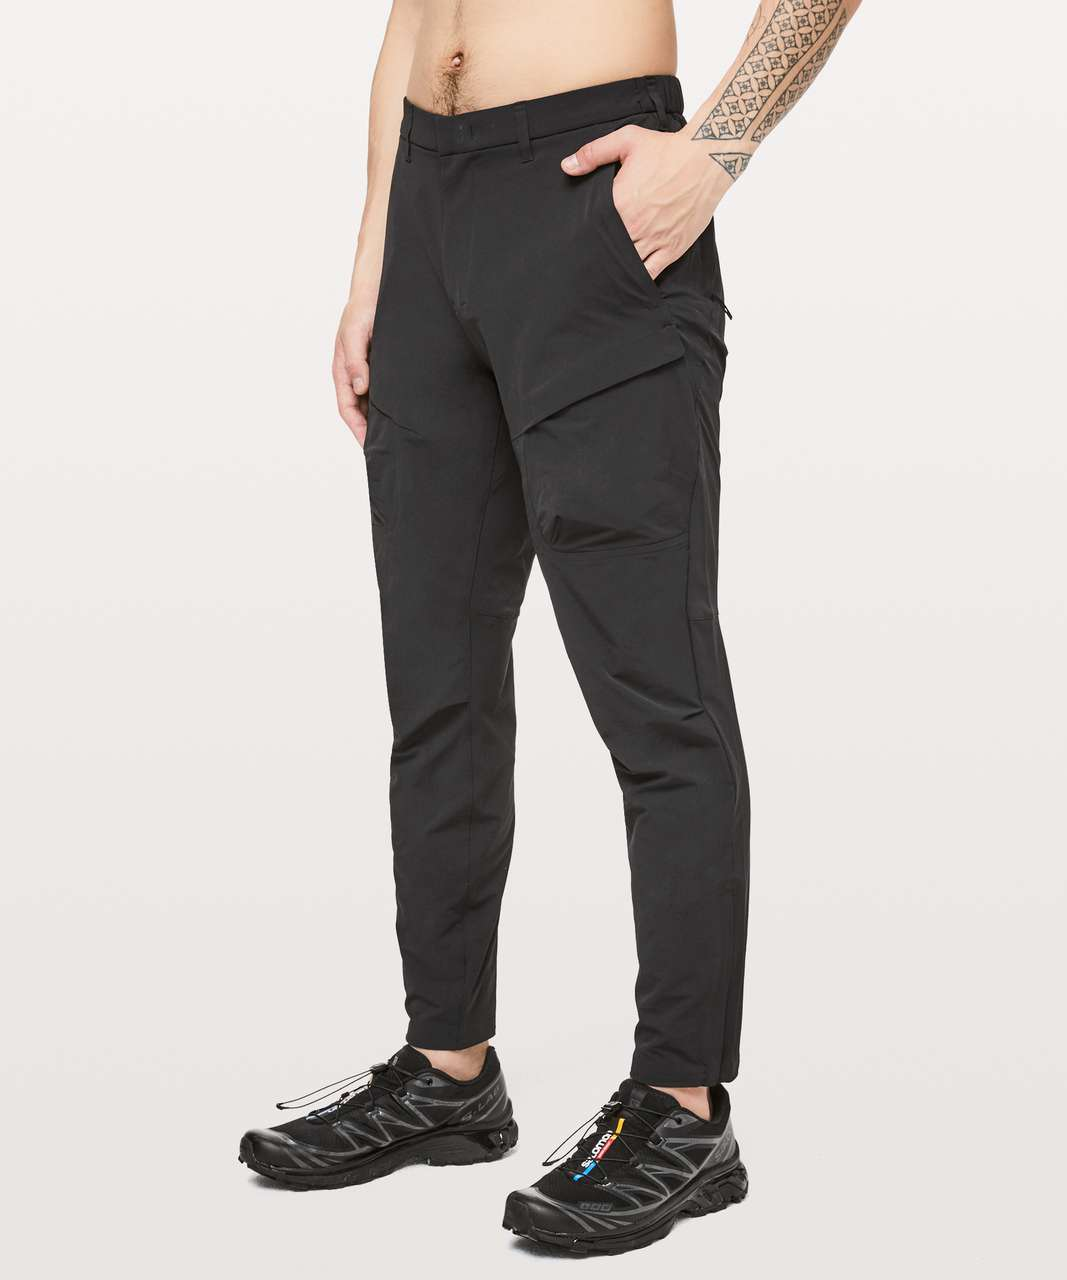 Lululemon Caldus Cargo Pant *lululemon lab - Black